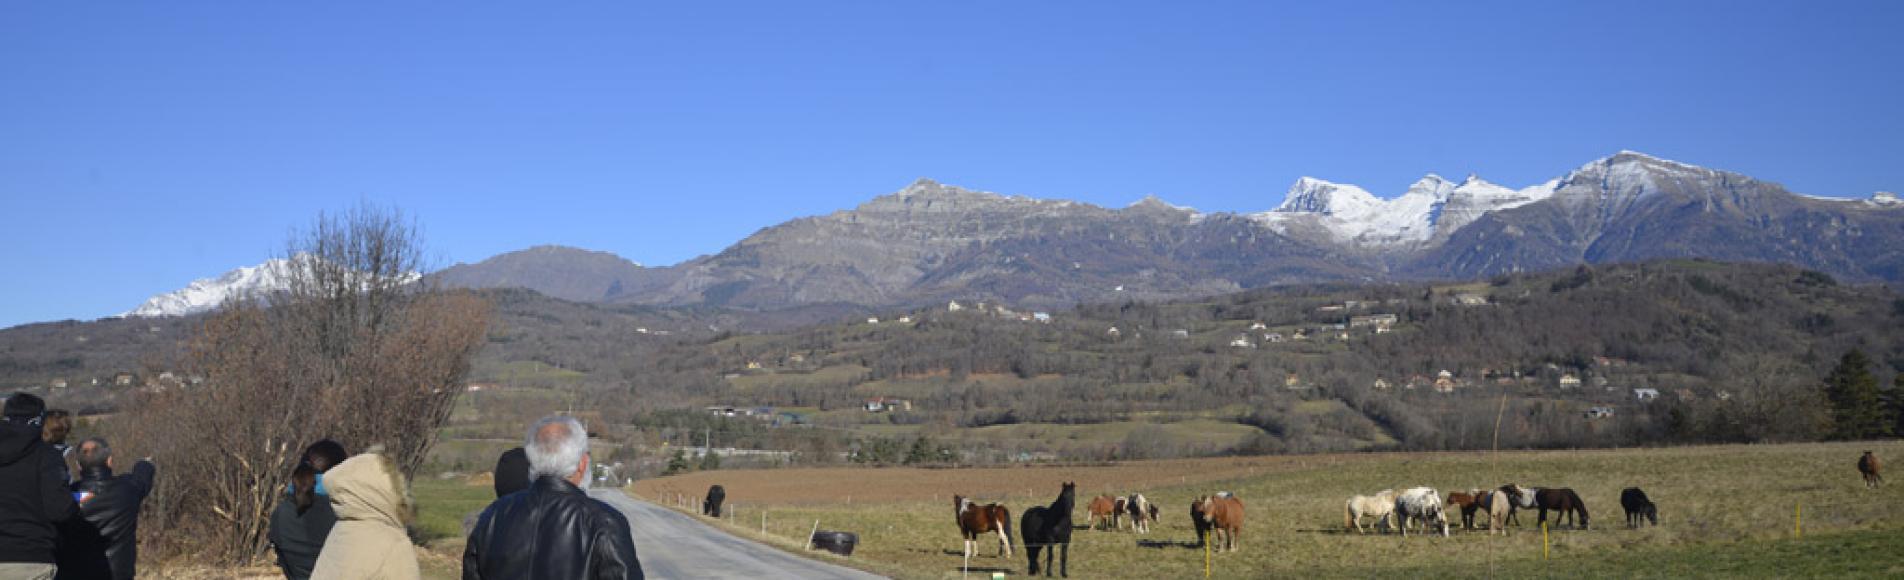 atelier paysage Buissard -  - nov 2015  © Cl-Gondre - Parc national des Ecrins